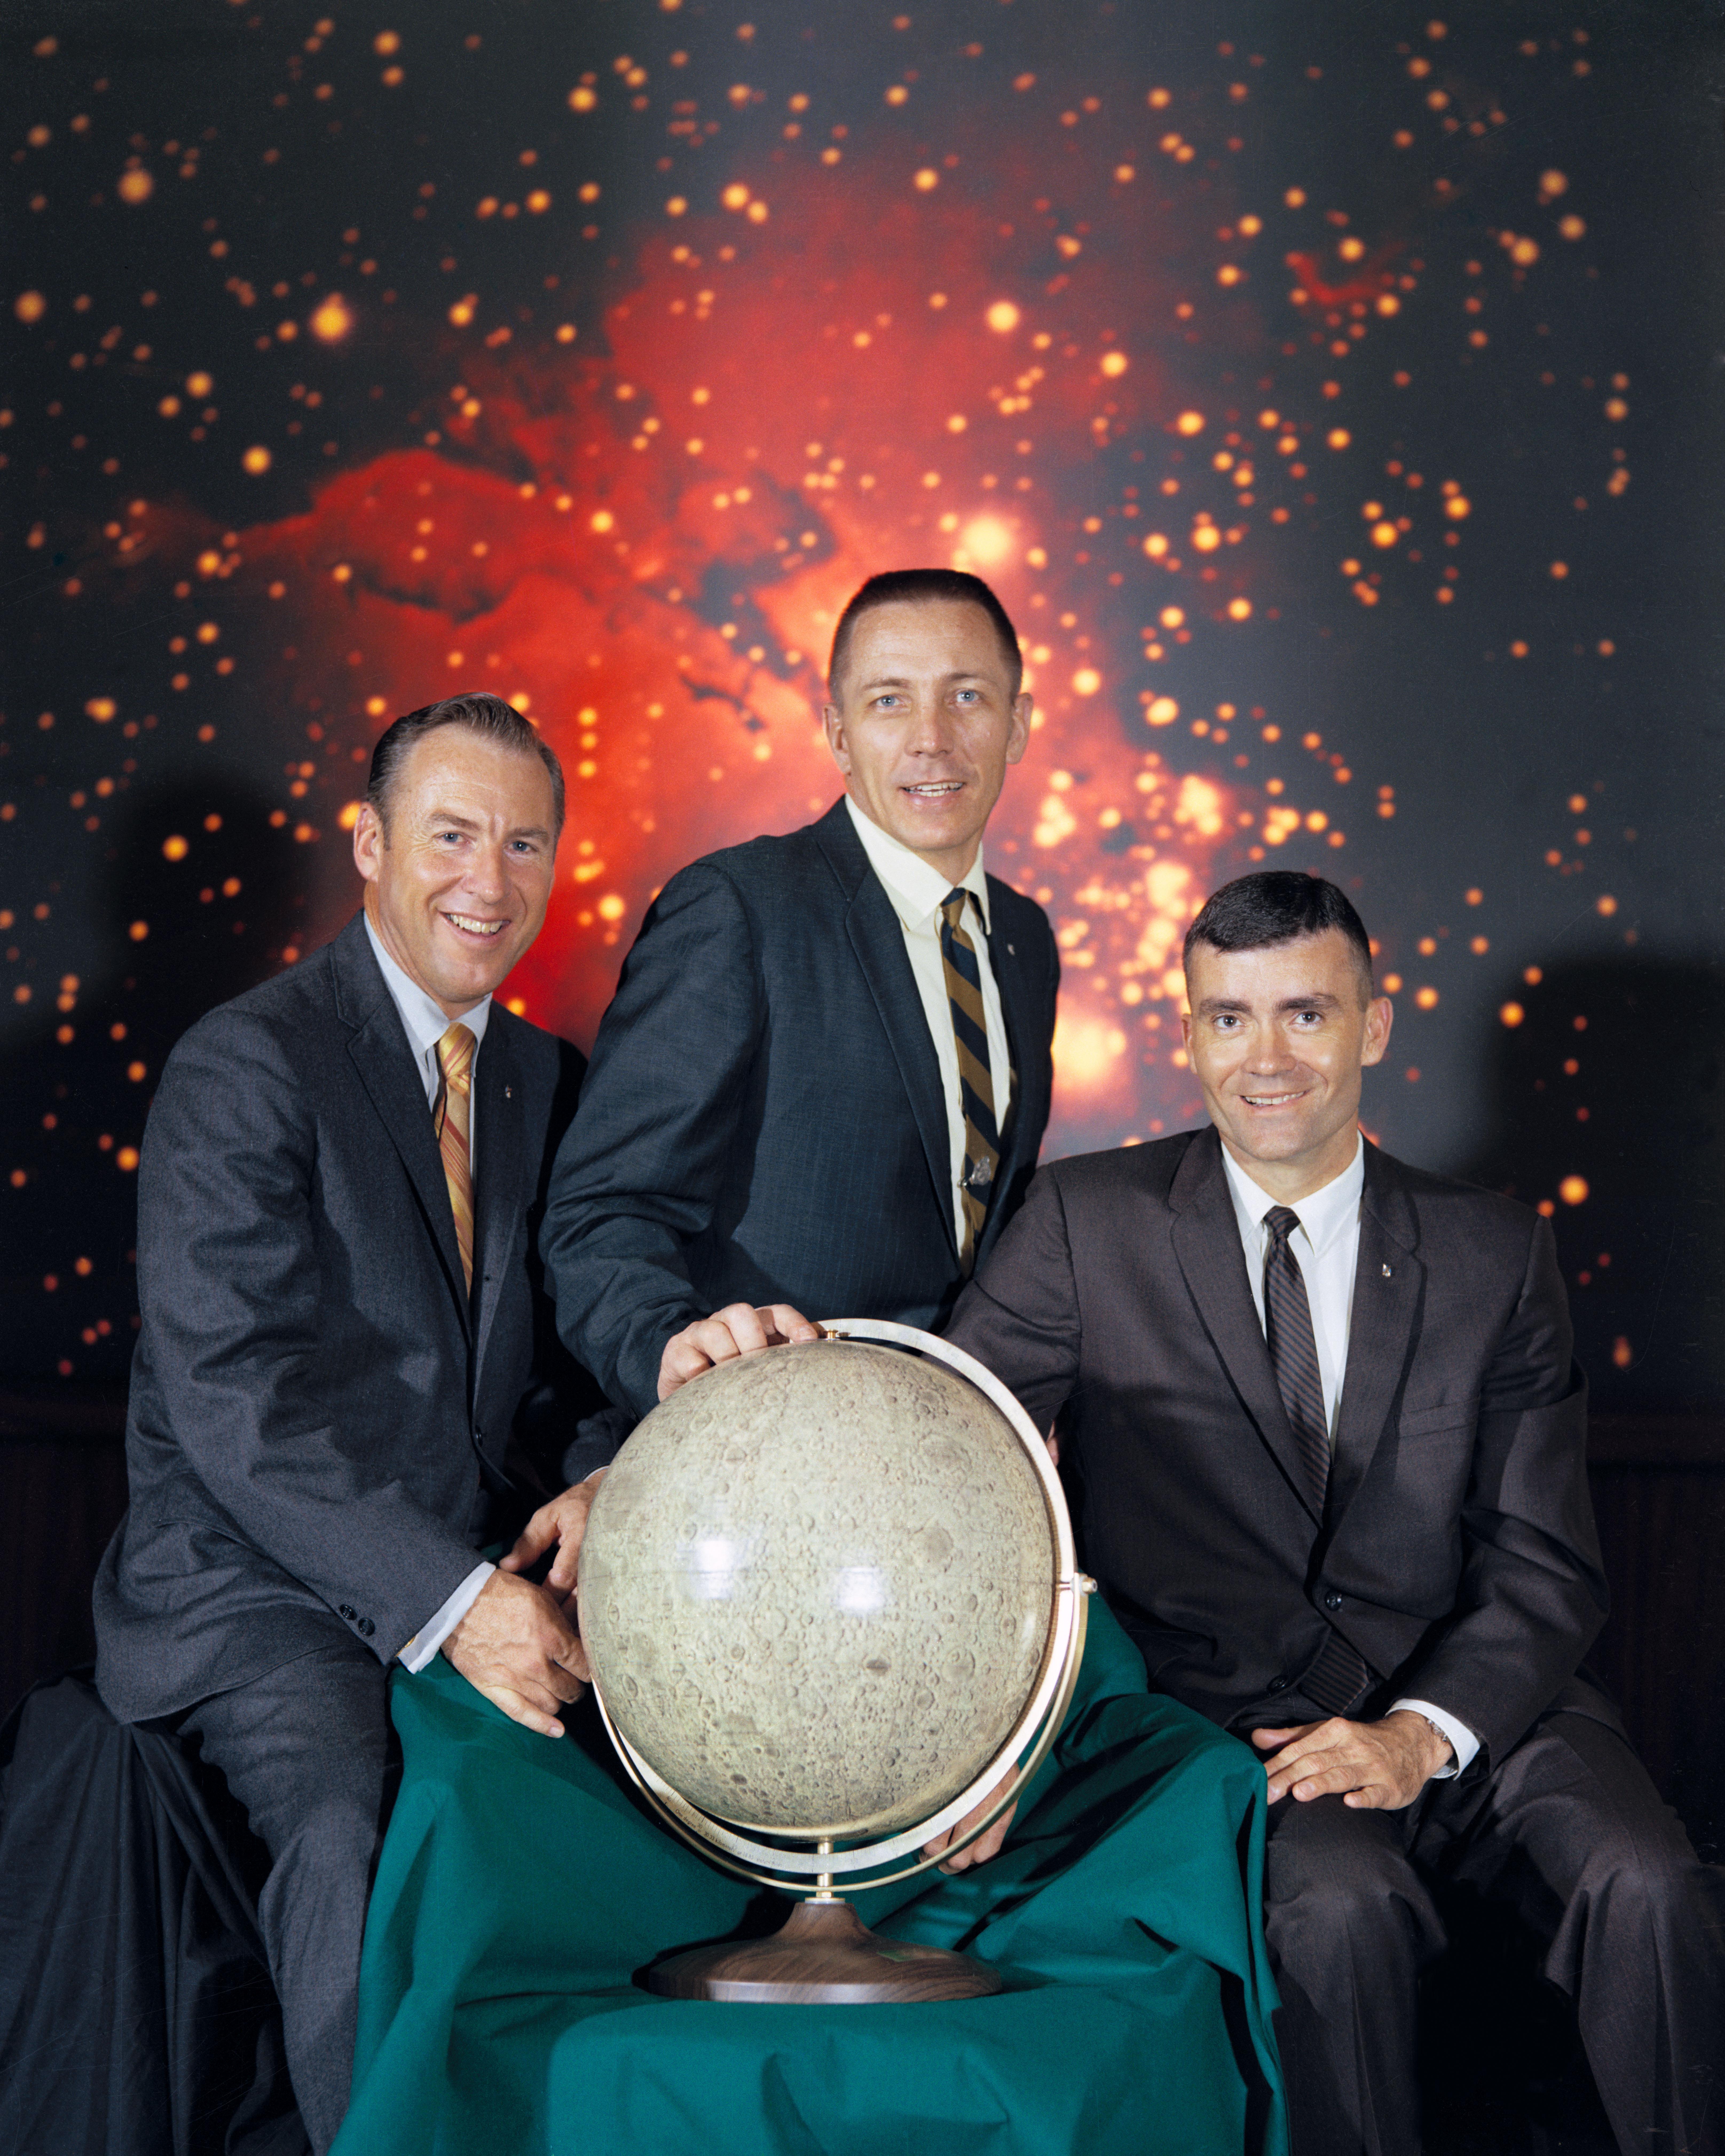 apollo 13 space missions - photo #28